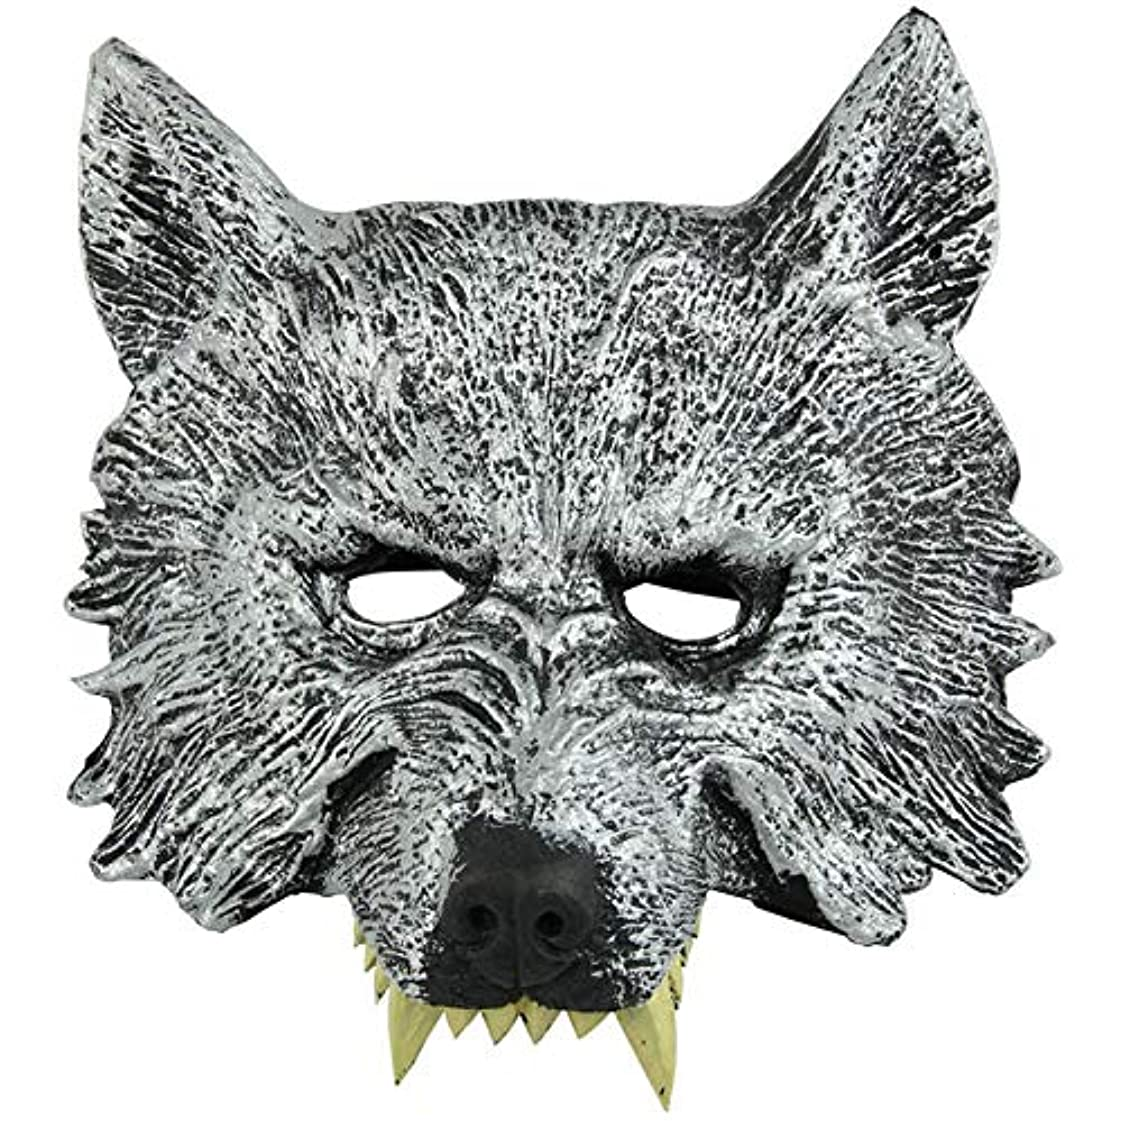 間湿気の多い衰えるオオカミヘッドマスク全身小道具ホリデー用品仮面舞踏会マスクハロウィンマスク